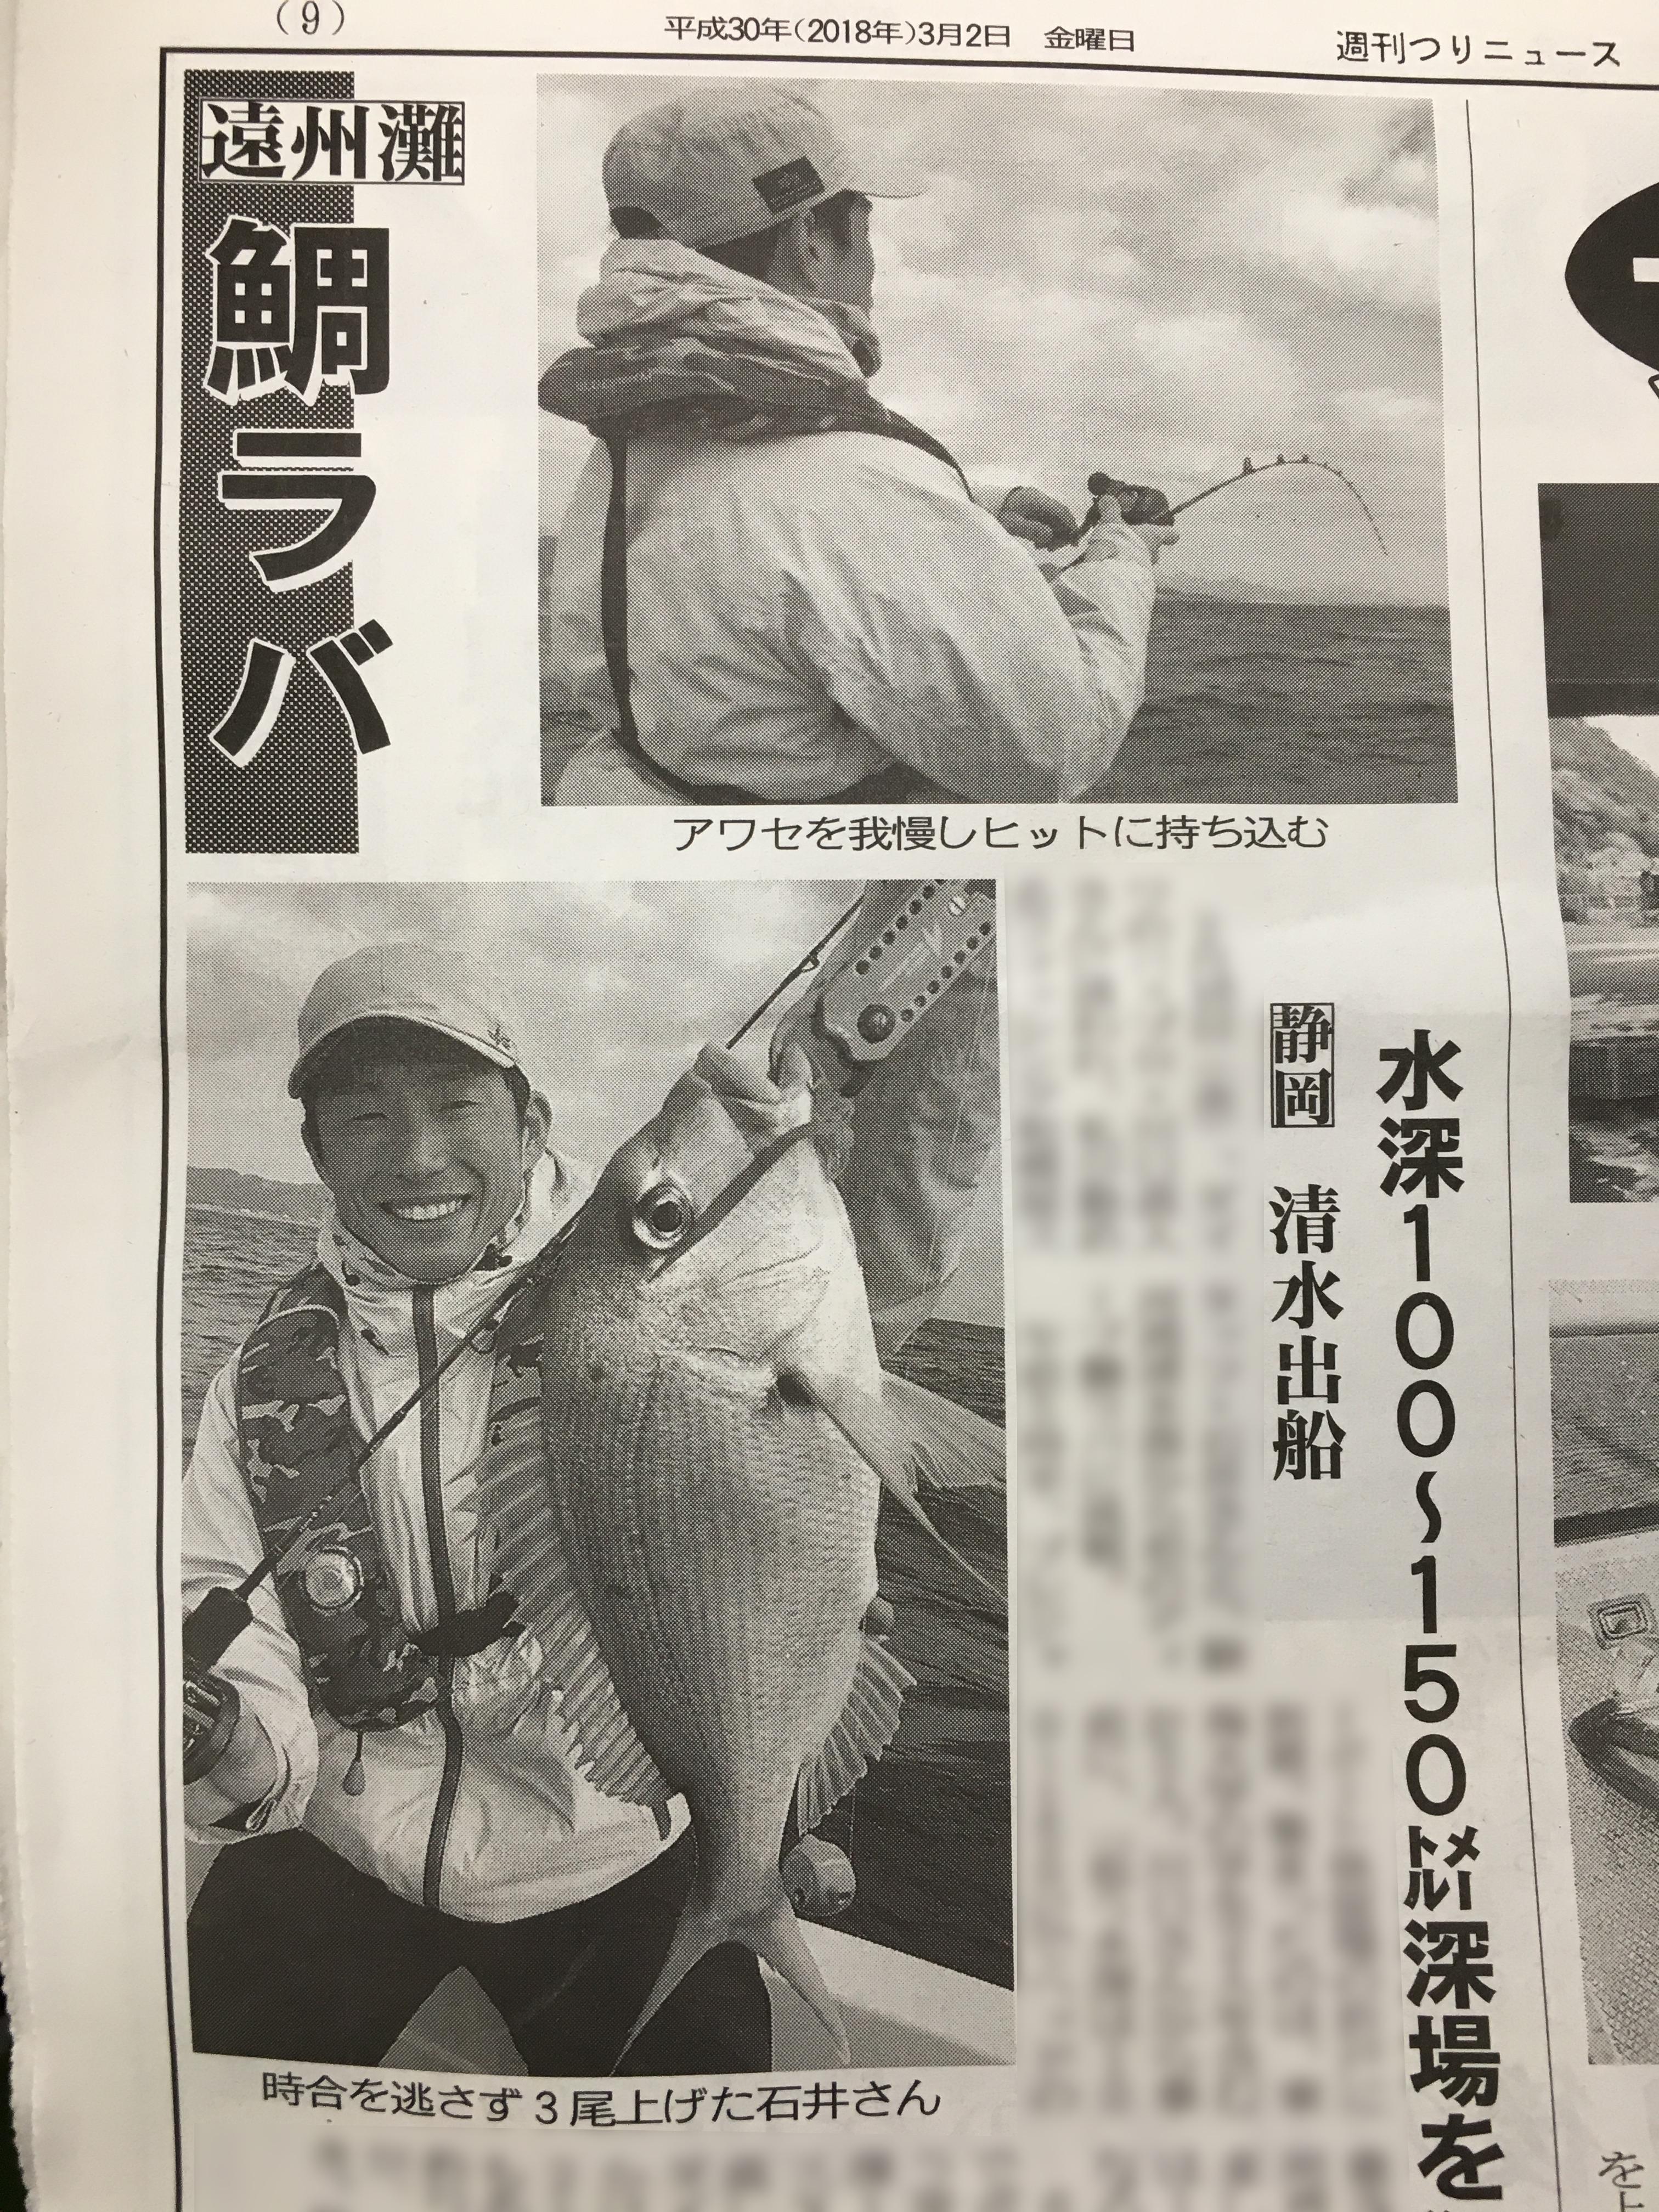 スタッフ石井掲載!『週刊つりニュース関東版 2018年3月2日号』